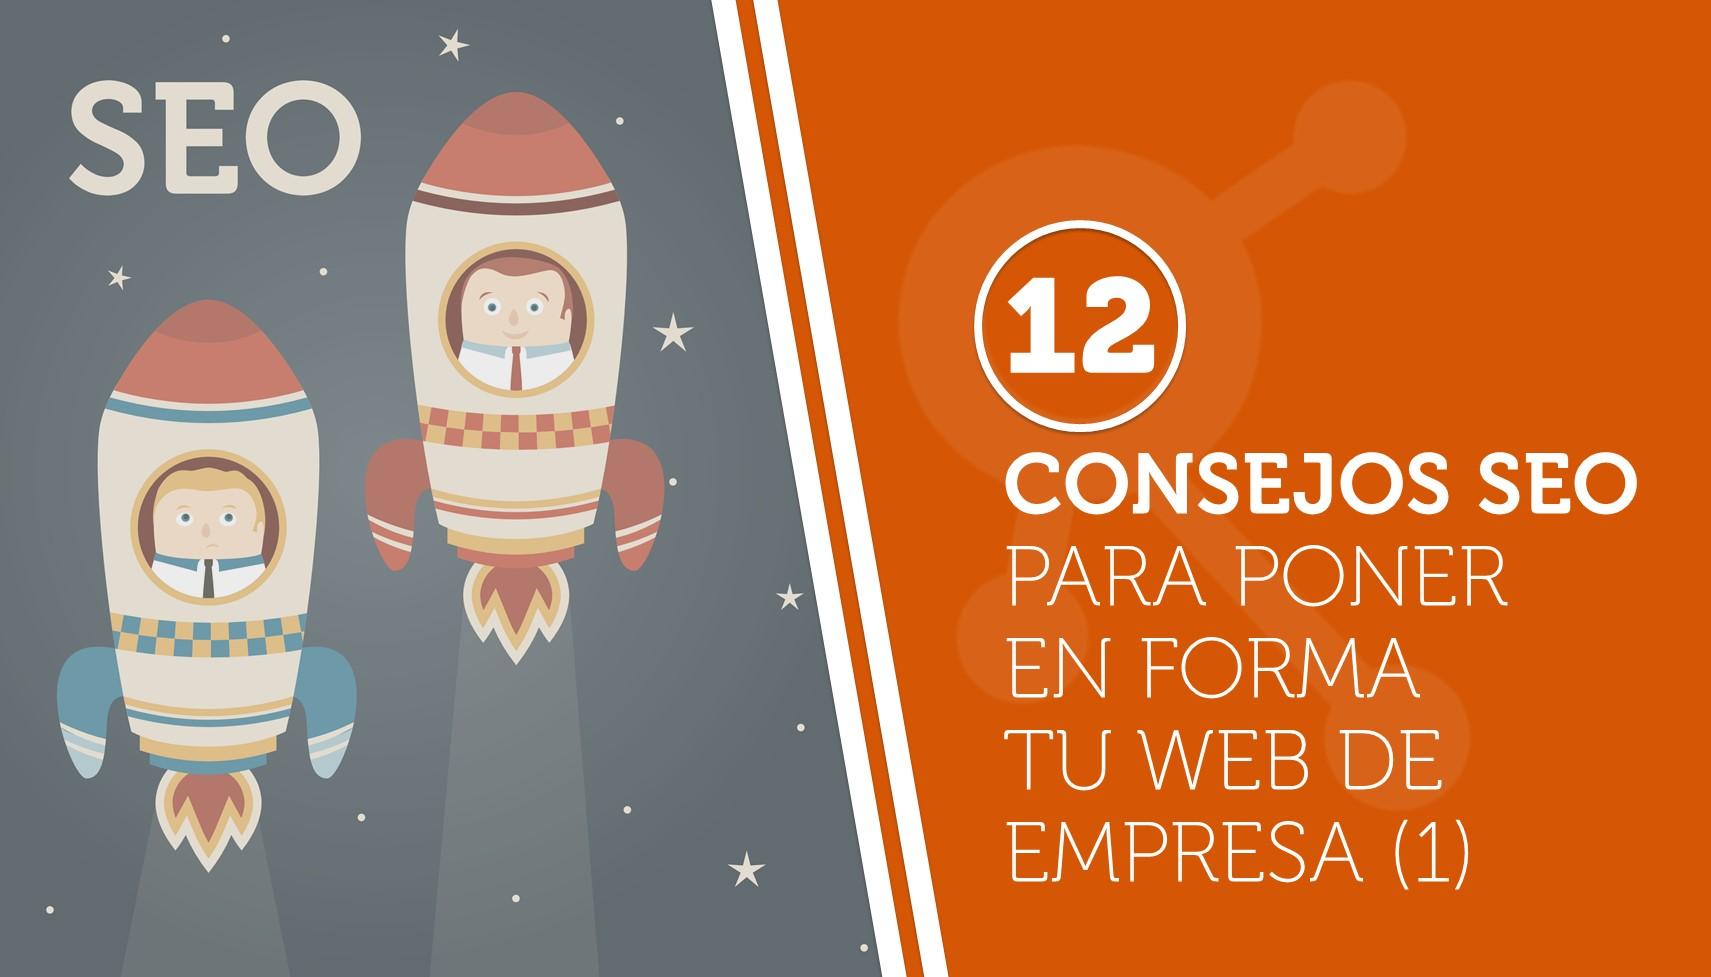 12 consejos SEO para poner en forma tu web de empresa